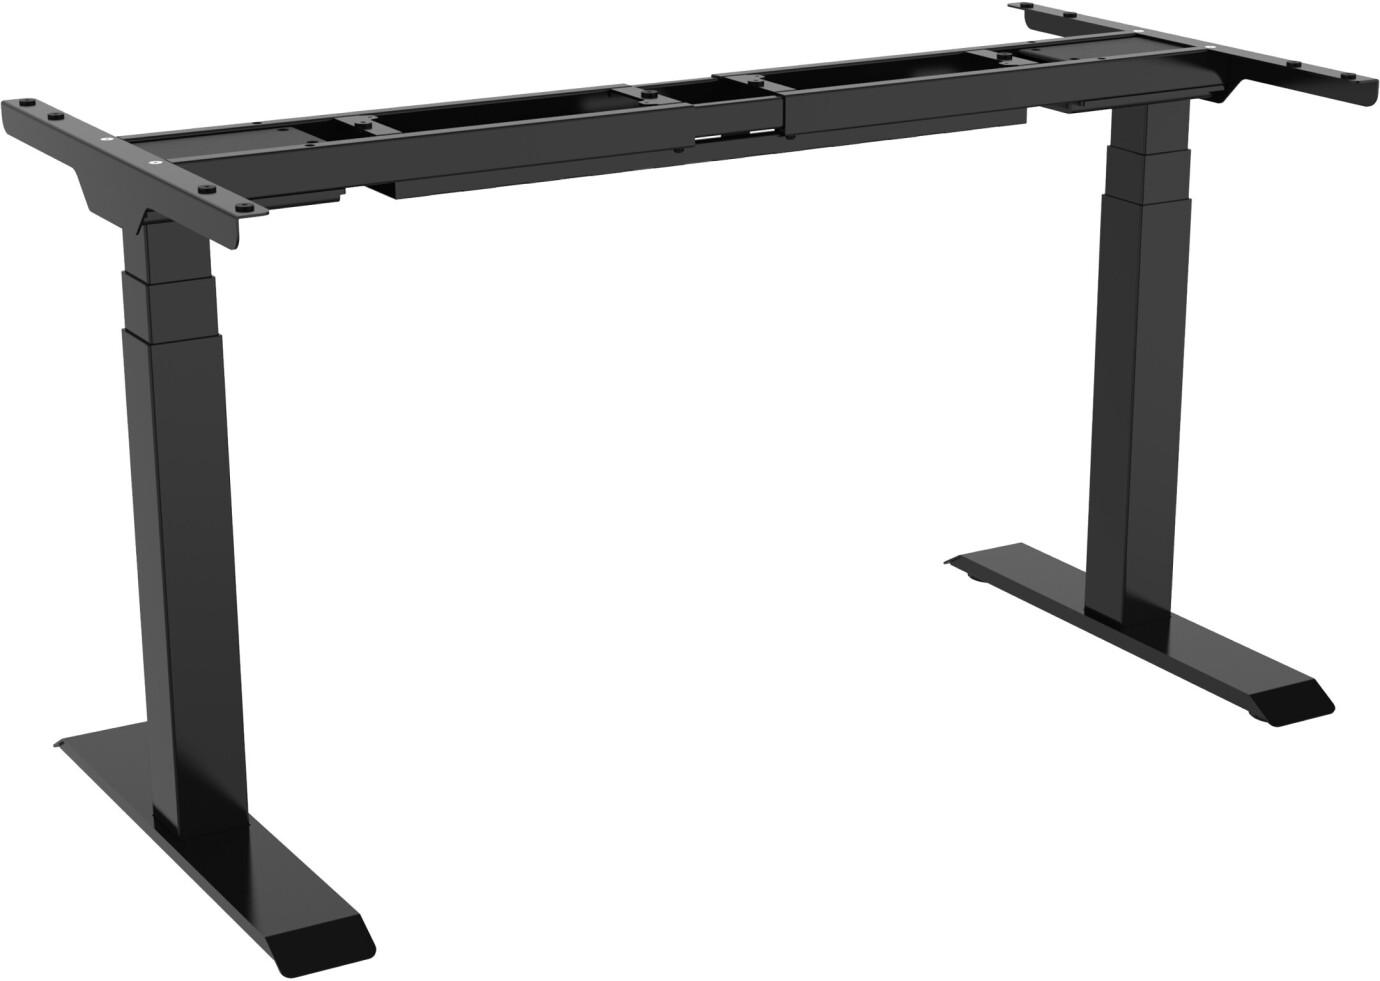 Cadre de bureau celexon PRO eAdjust-58123 réglable en hauteur électriquement - 58 - 123 cm, noir